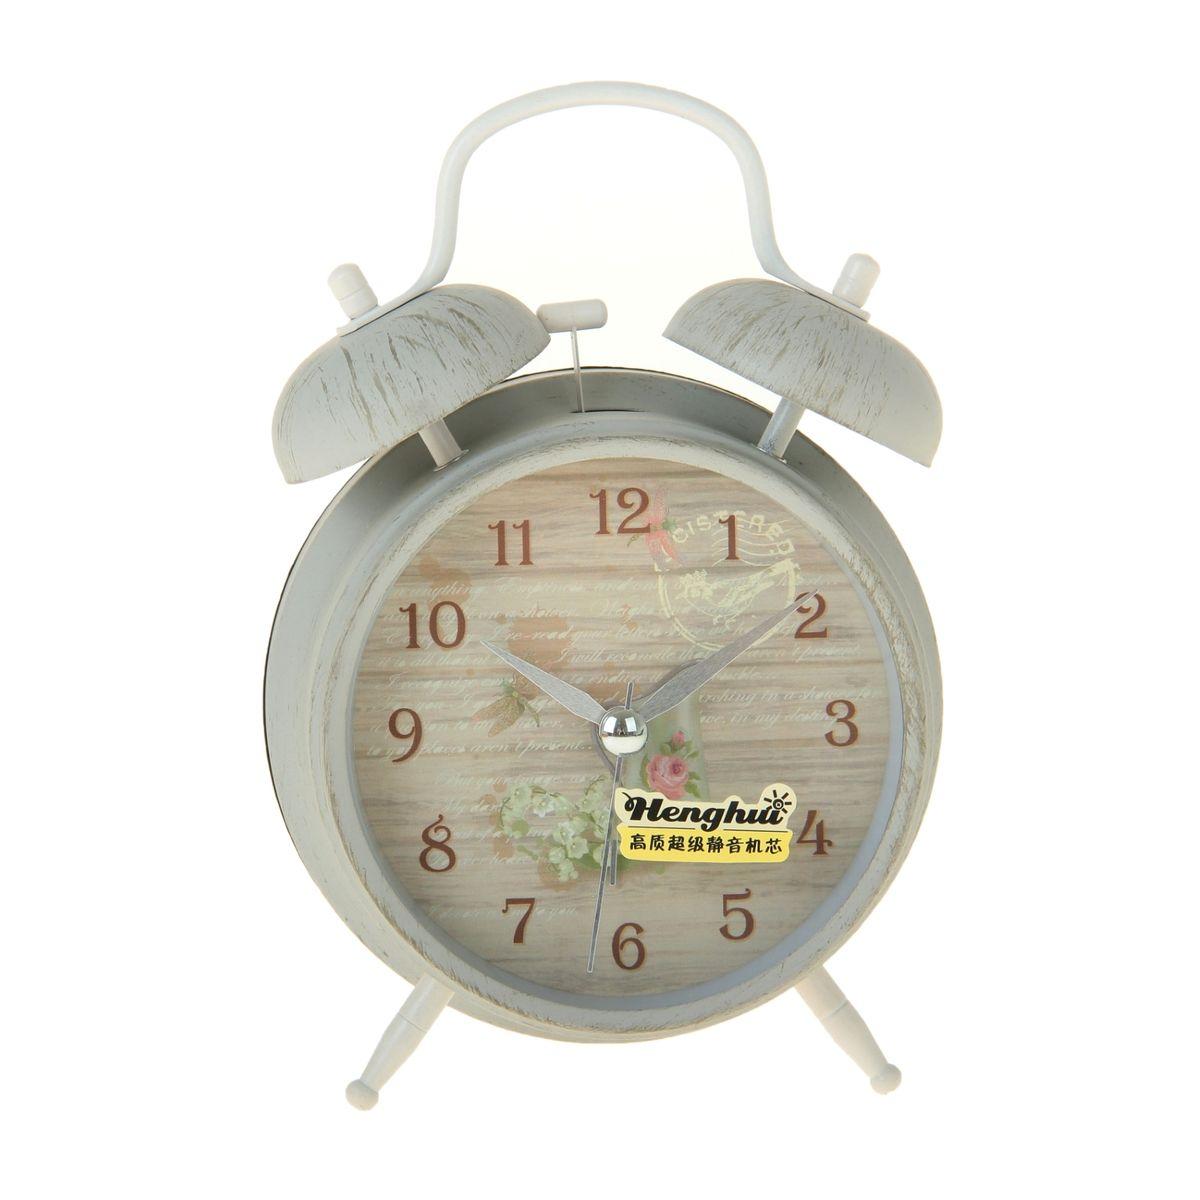 Часы-будильник Sima-land Кувшин и цветыSC-AC1014NКак же сложно иногда вставать вовремя! Всегда так хочется поспать еще хотя бы 5 минут и бывает, что мы просыпаем. Теперь этого не случится! Яркий, оригинальный будильник Sima-land Кувшин и цветы поможет вам всегда вставать в нужное время и успевать везде и всюду. Будильник украсит вашу комнату и приведет в восхищение друзей. Время показывает точно и будит в установленный час.На задней панели будильника расположены переключатель включения/выключения механизма, а также два колесика для настройки текущего времени и времени звонка будильника. Также будильник оснащен кнопкой, при нажатии и удержании которой, подсвечивается циферблат. Будильник работает от 1 батарейки типа AA напряжением 1,5V (не входит в комплект).